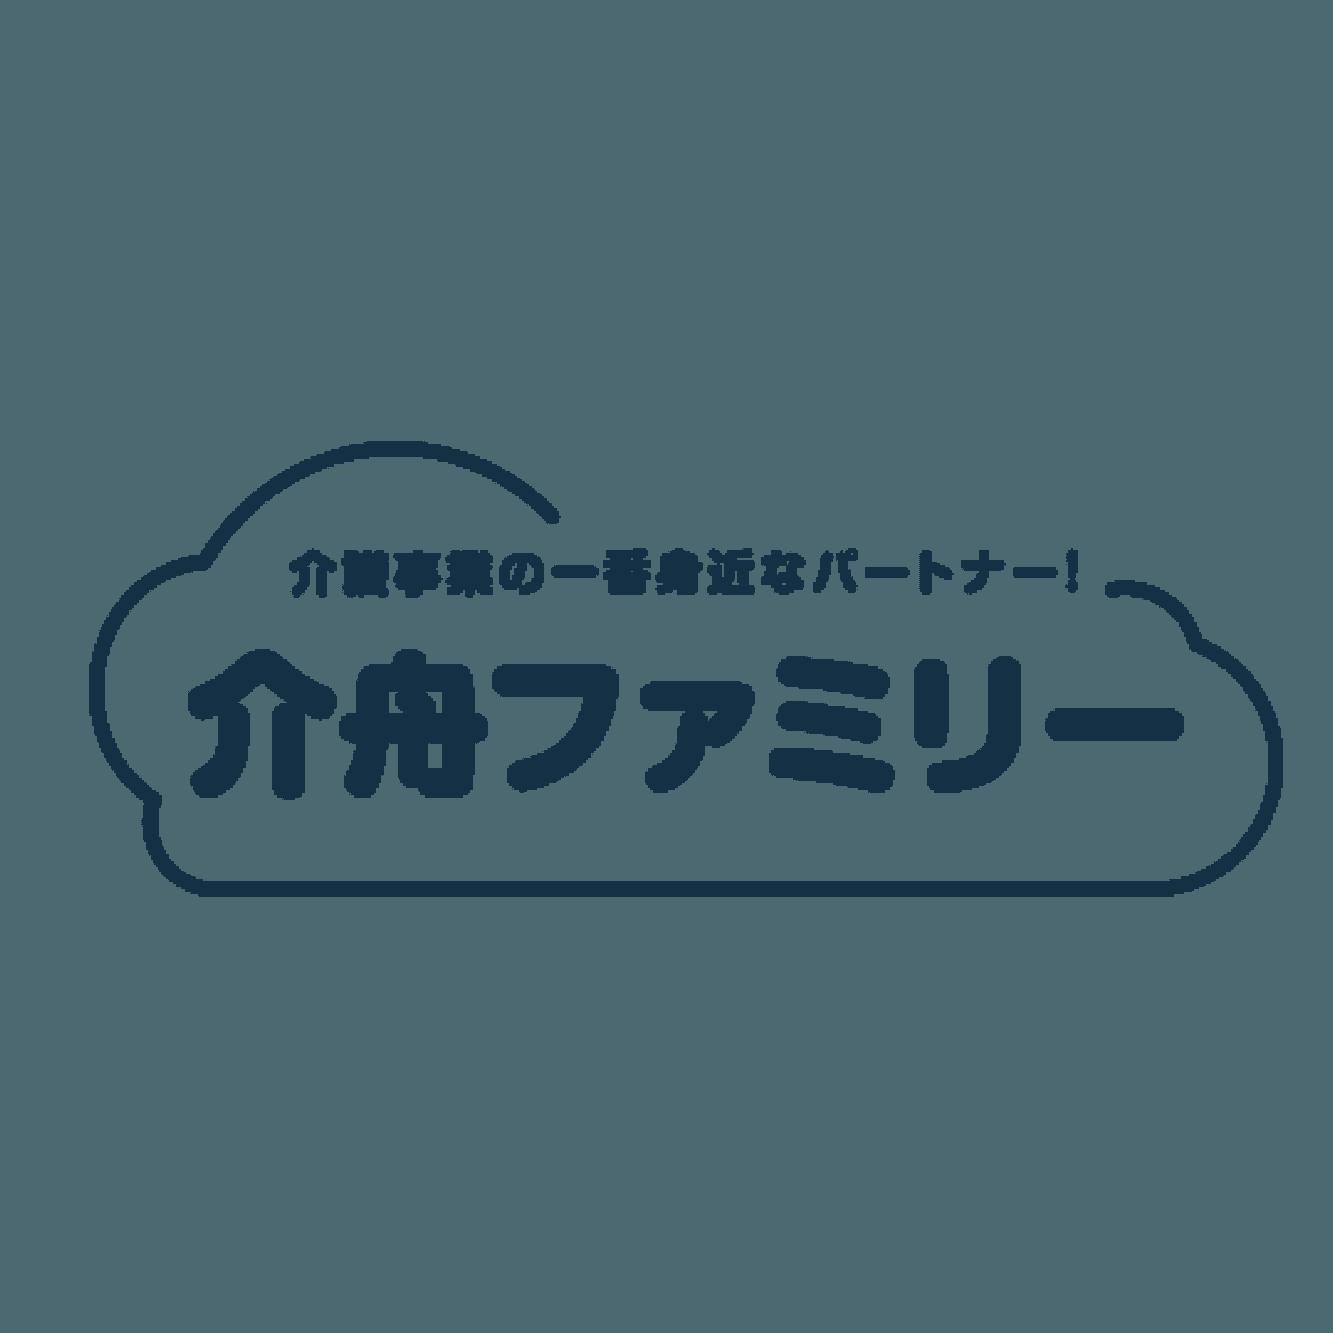 介護事業者向けソフト「介舟ファミリー」